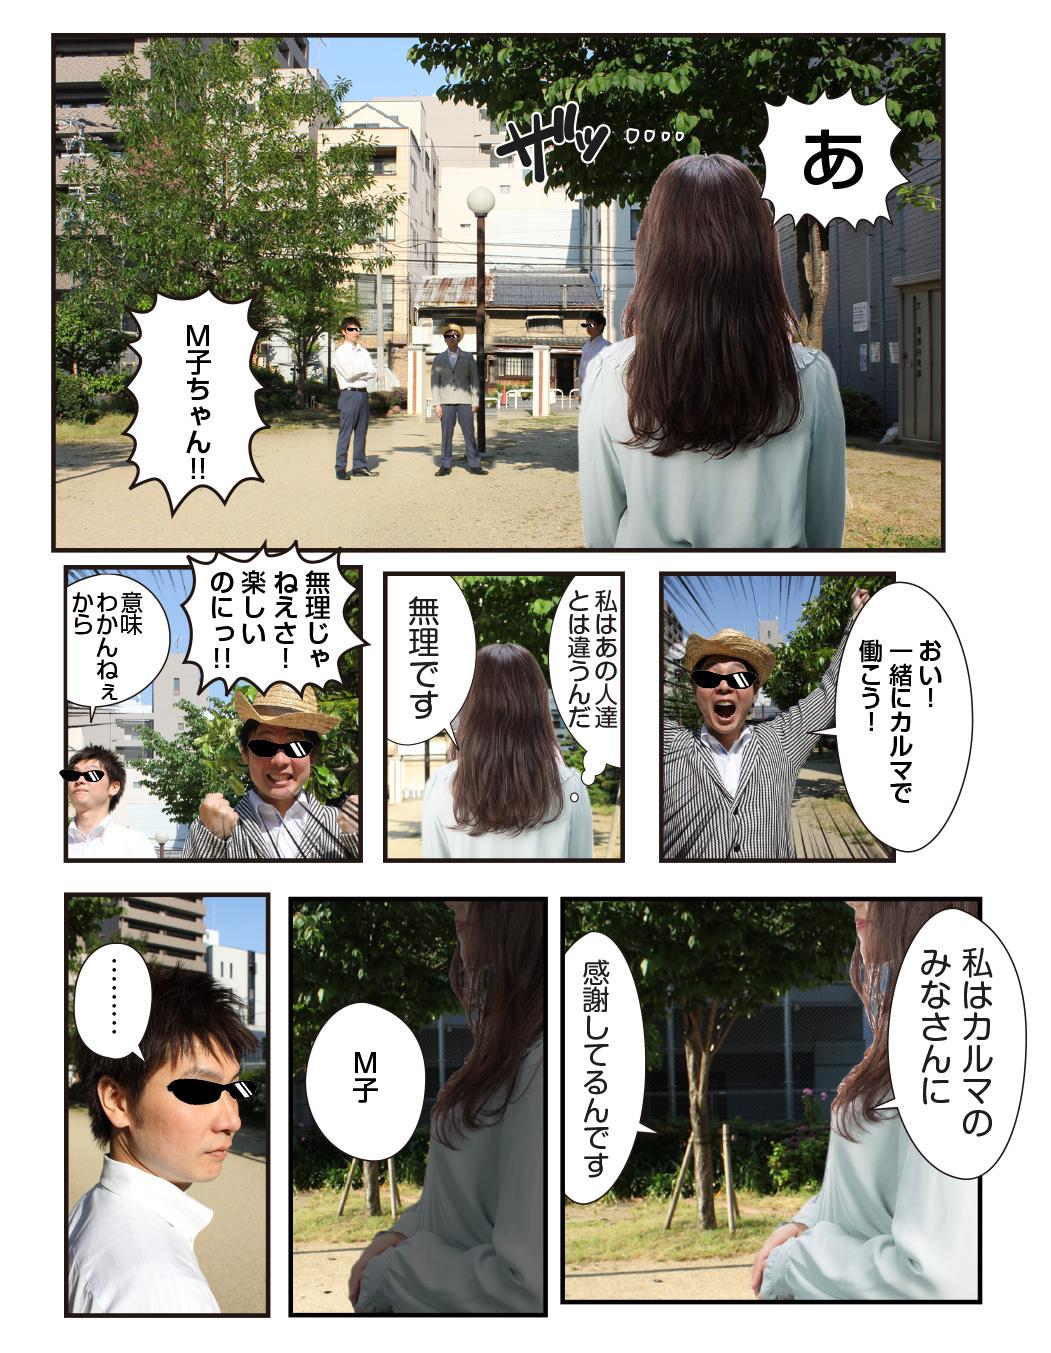 漫画劇場1ページ目